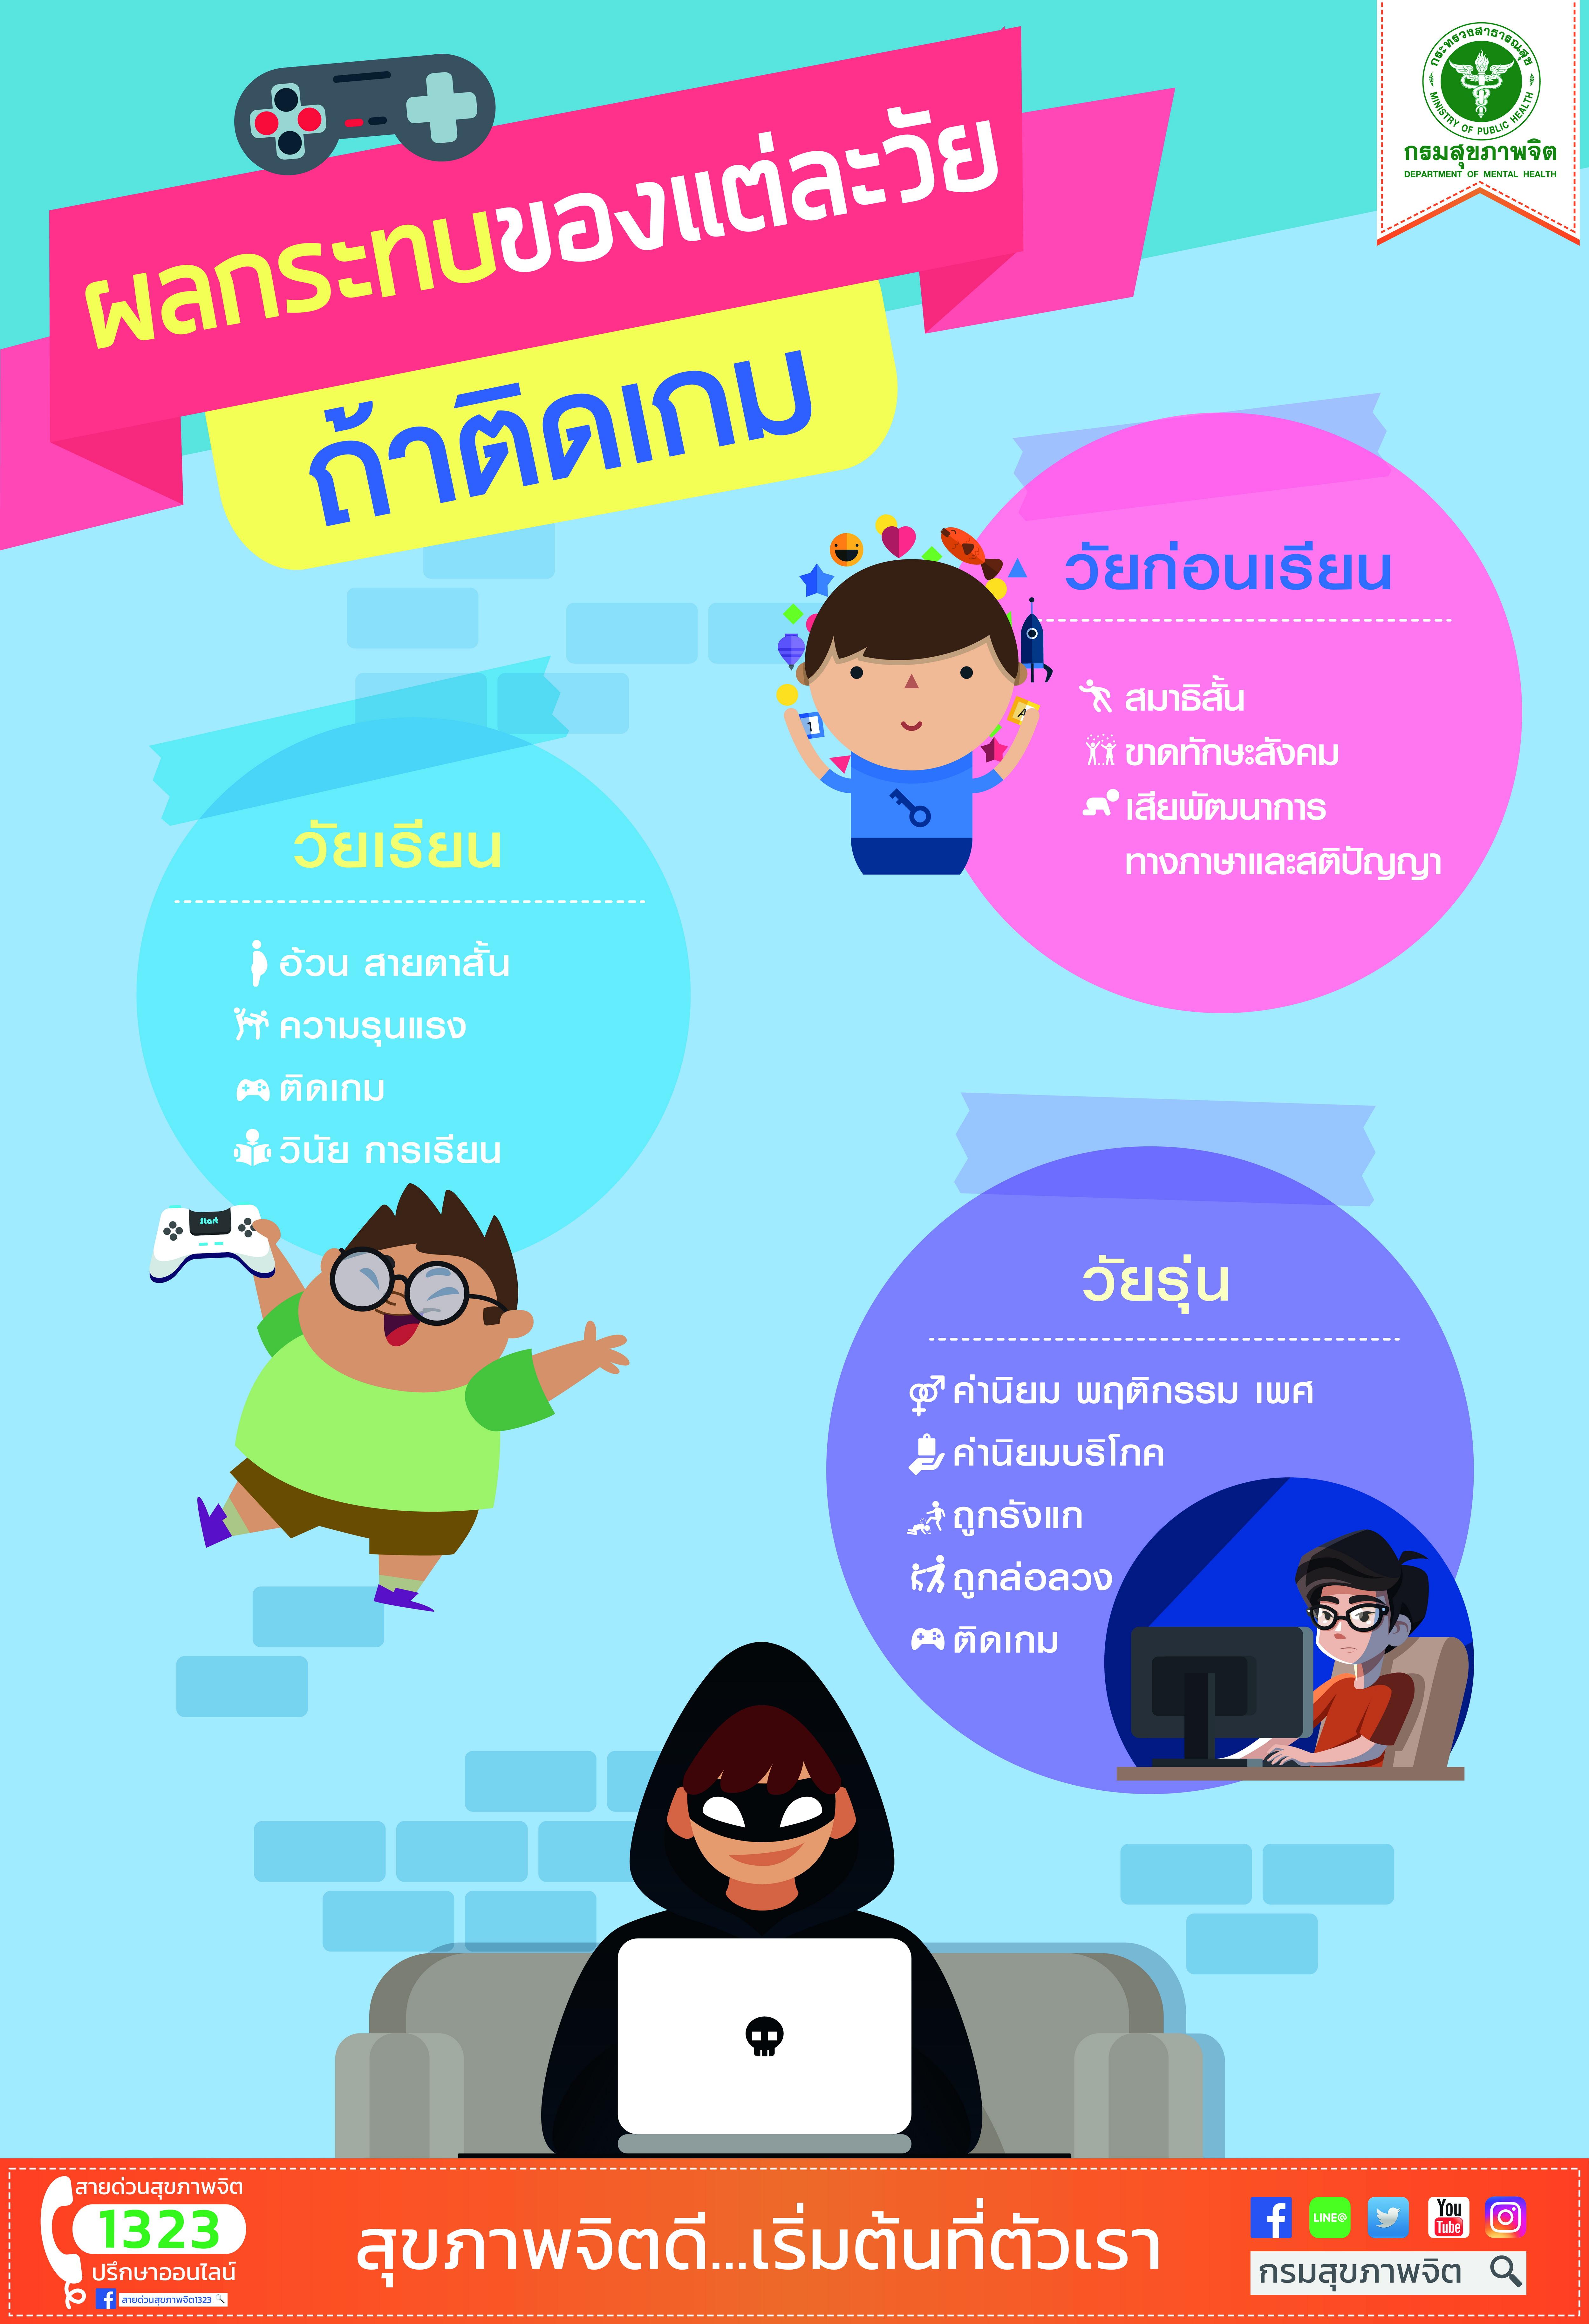 2. ผลกระทบของแต่ละวัย ถ้าติดเกม-Infographic-01